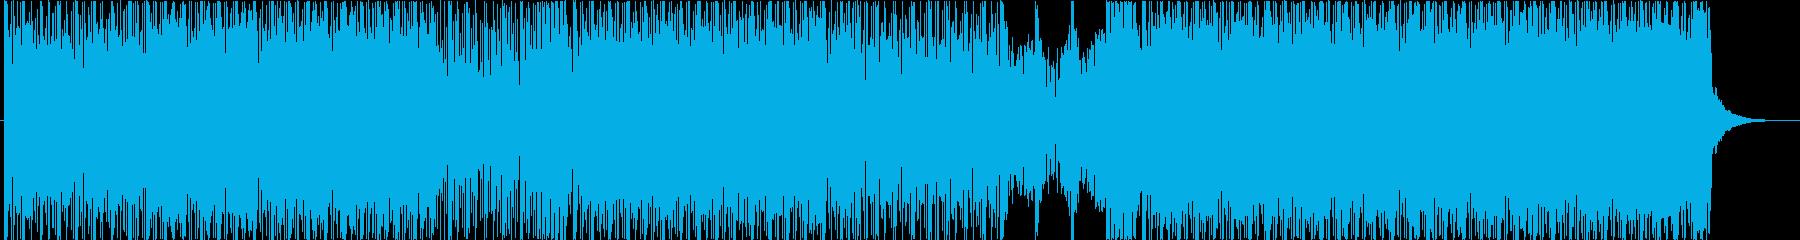 Future Bass的なBGMの再生済みの波形